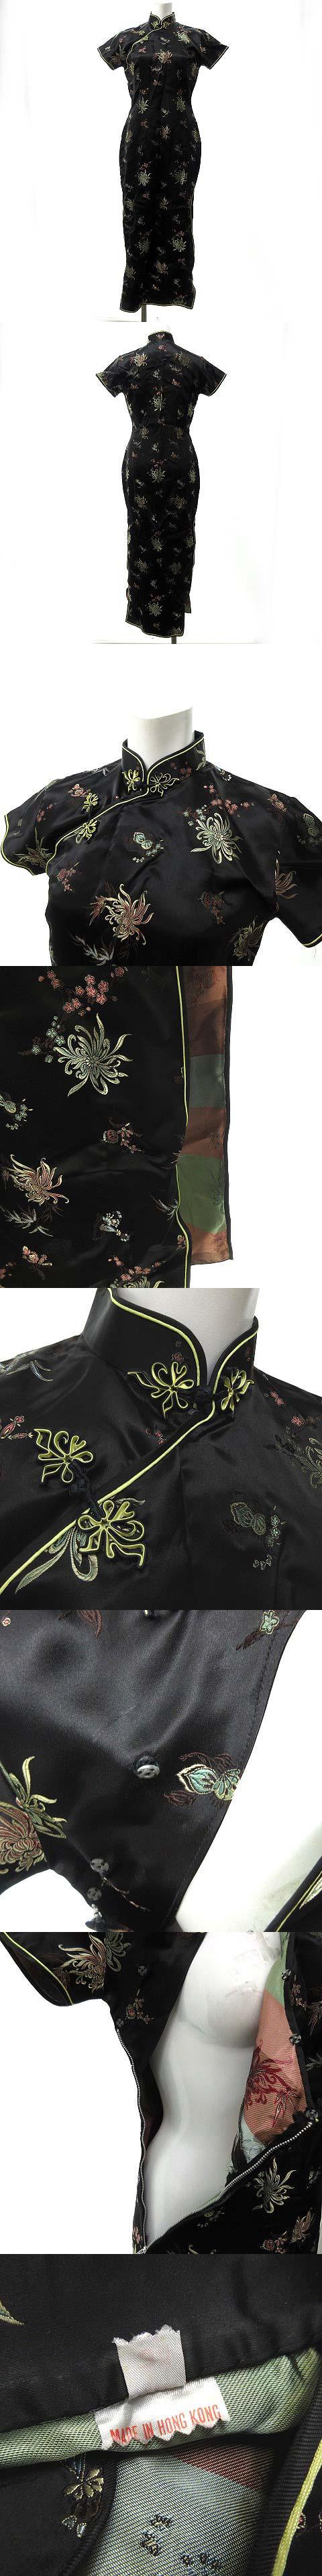 ノーブランド 香港製 チャイナ ワンピース ドレス 刺繍 ロング マキシ丈 黒 ブラック 34 0722